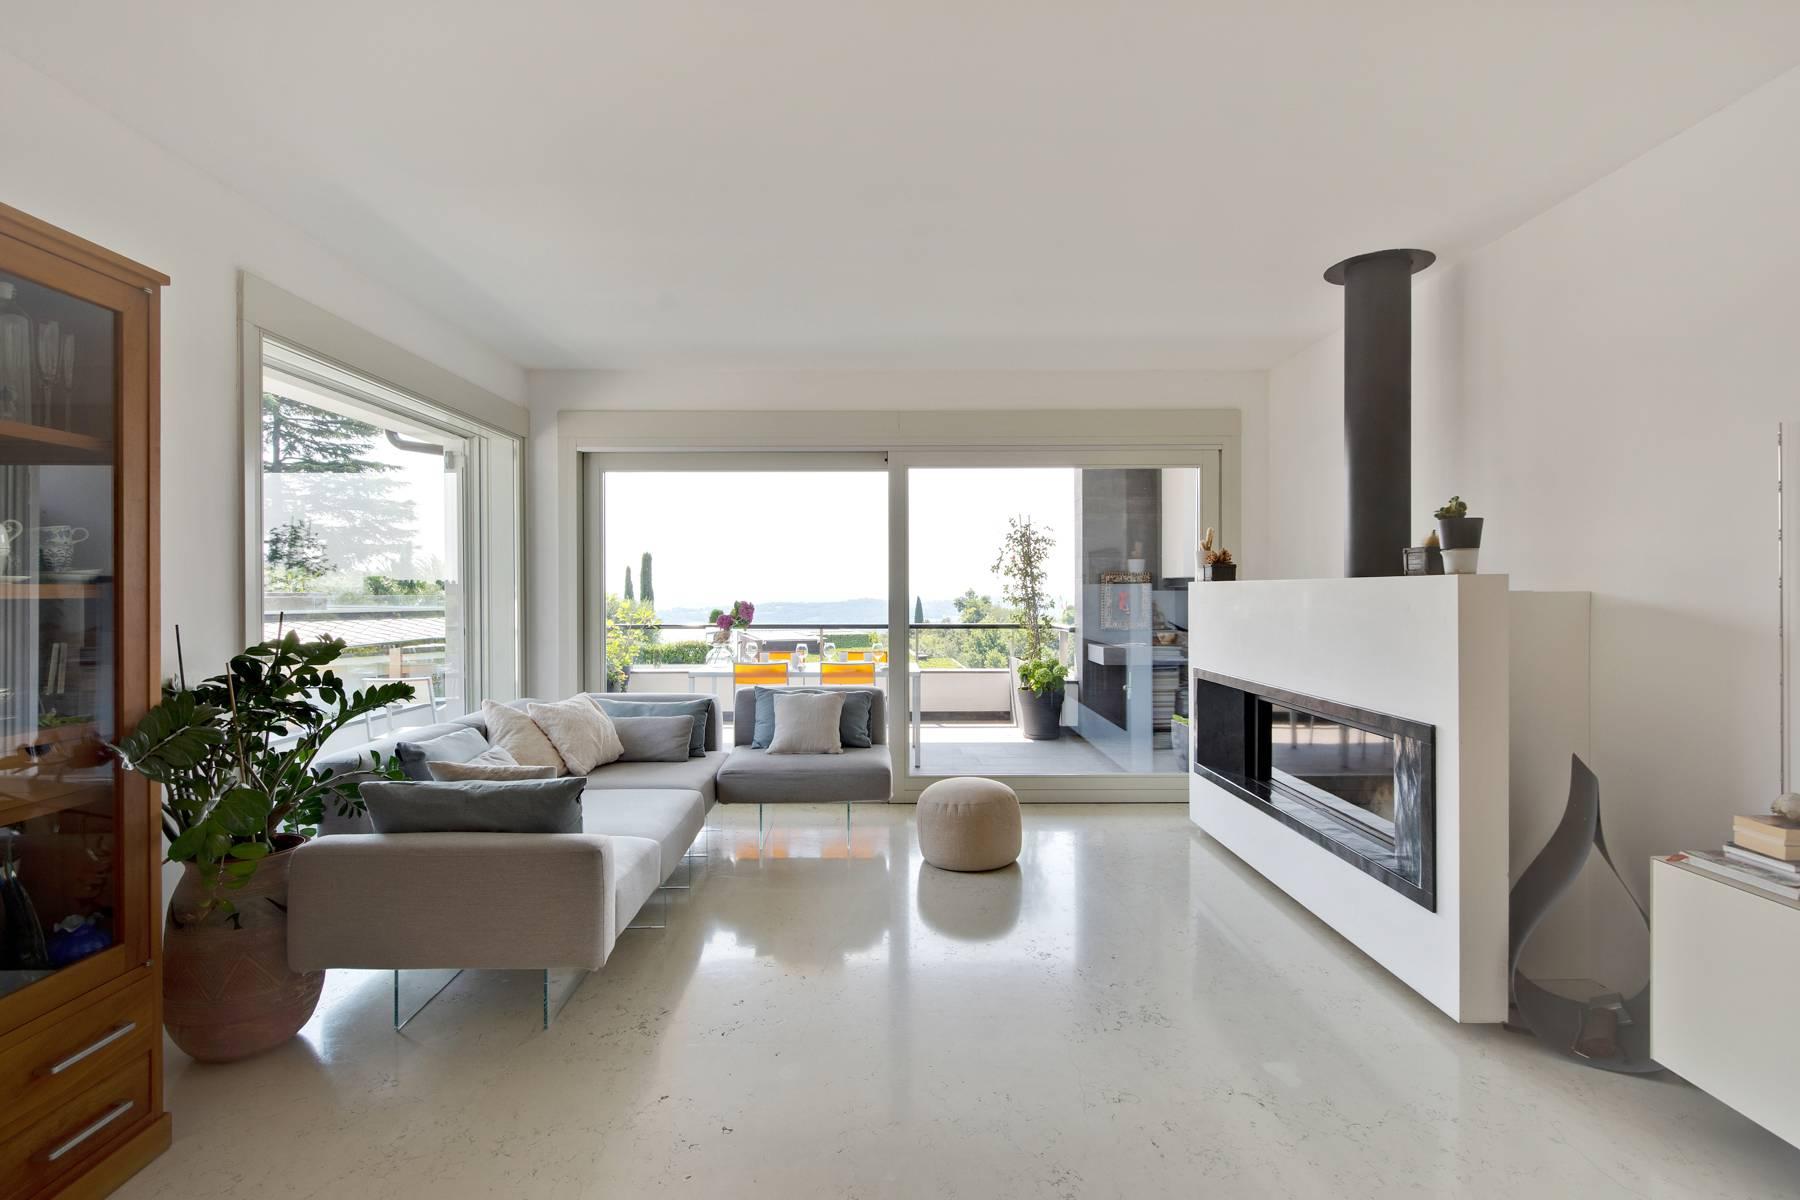 Appartamento in Vendita a Padenghe Sul Garda: 3 locali, 163 mq - Foto 4